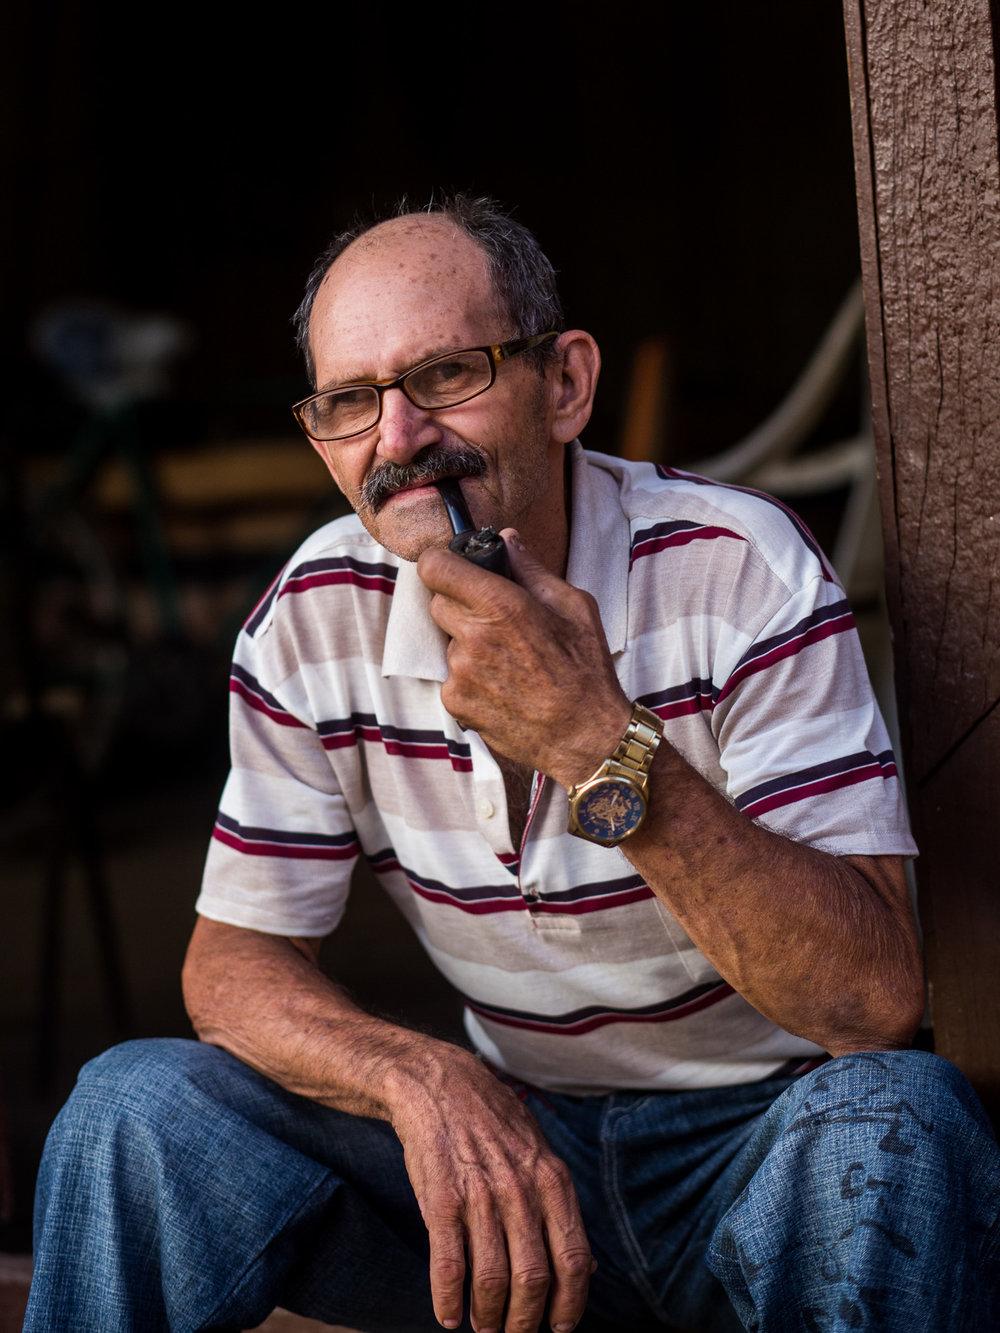 O Saillard Photographe - Cuba-042.jpg